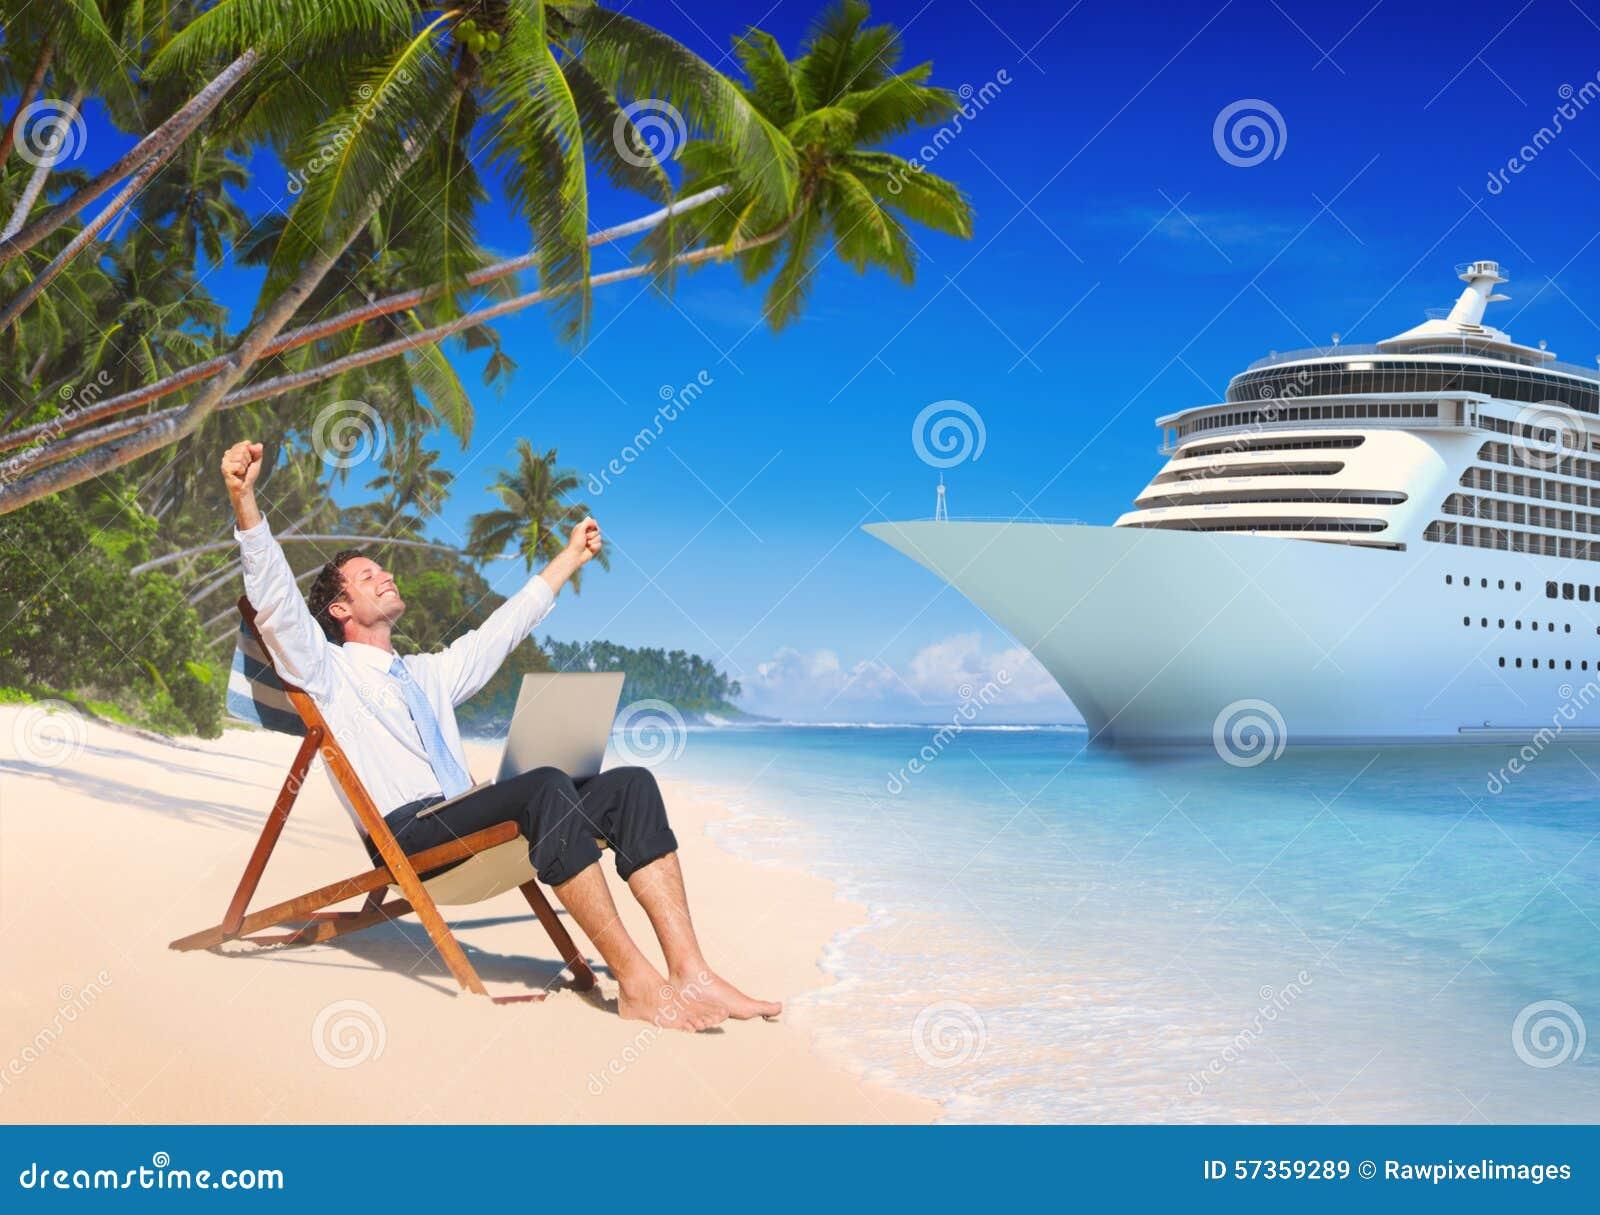 Conceito da praia de Relaxation Vacation Outdoors do homem de negócios